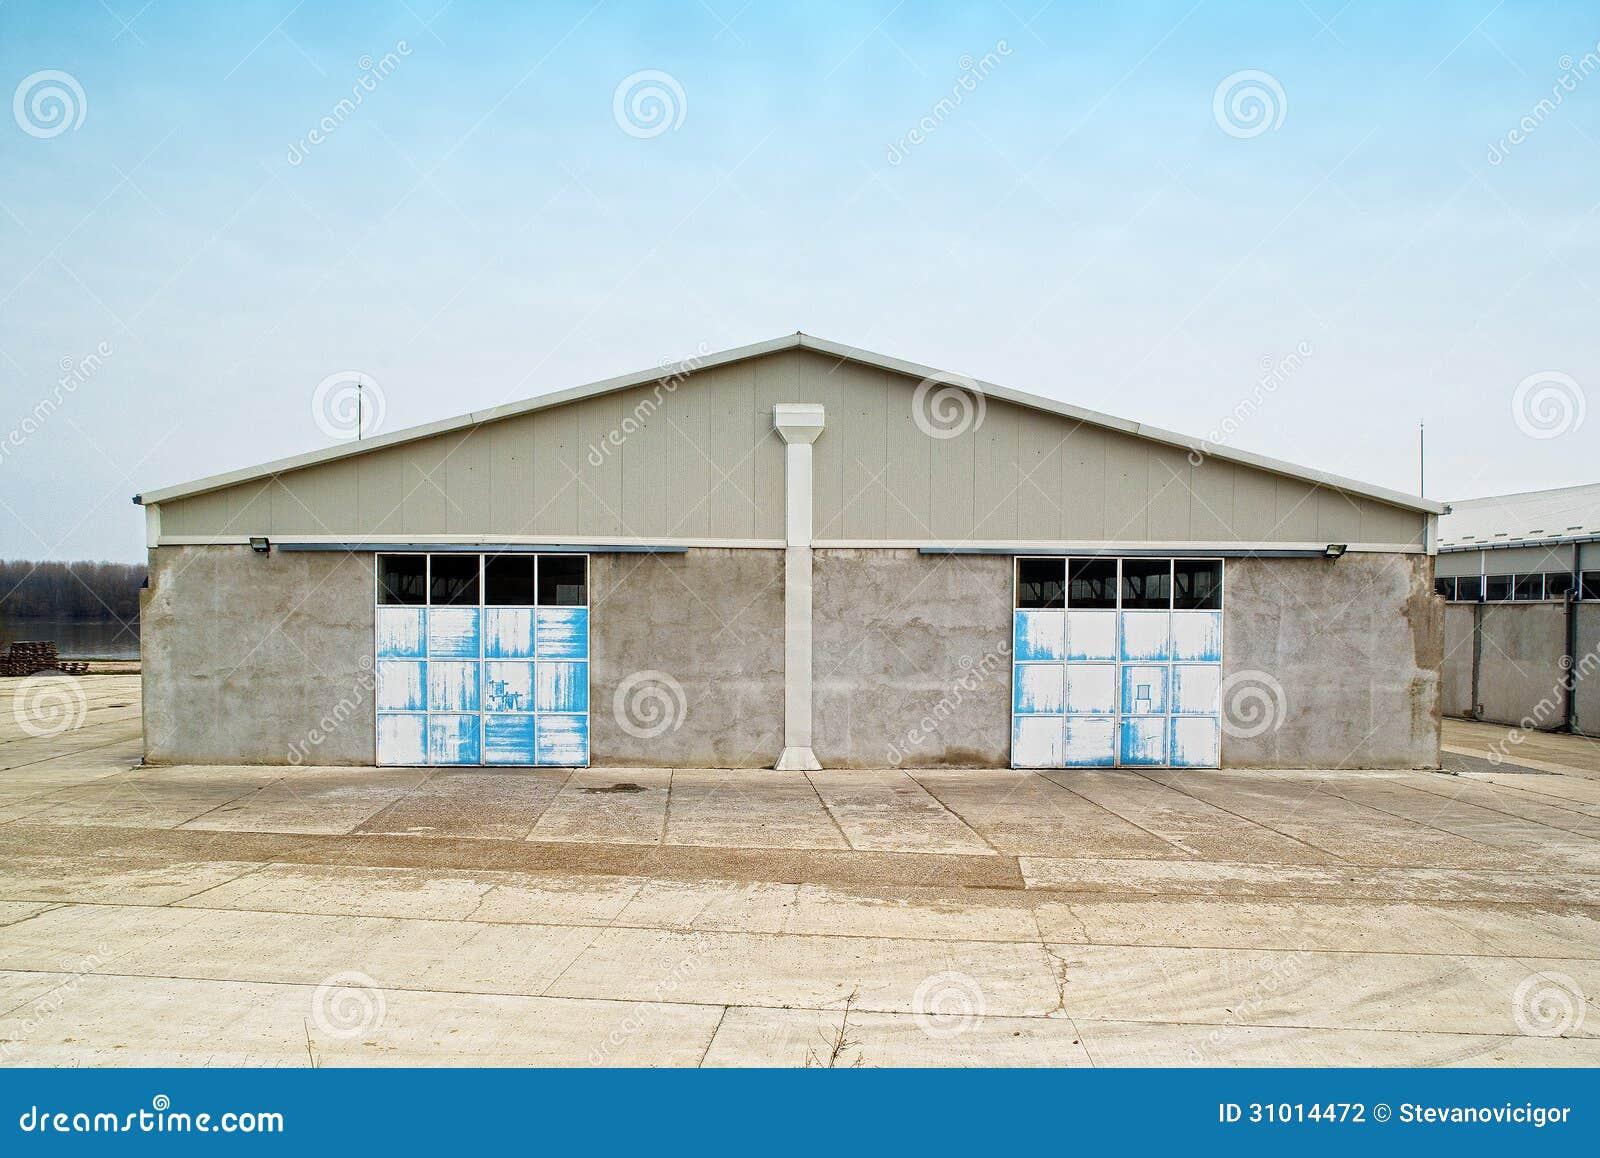 warehouse-exterior-concrete-locked-metal-door-31014472.jpg